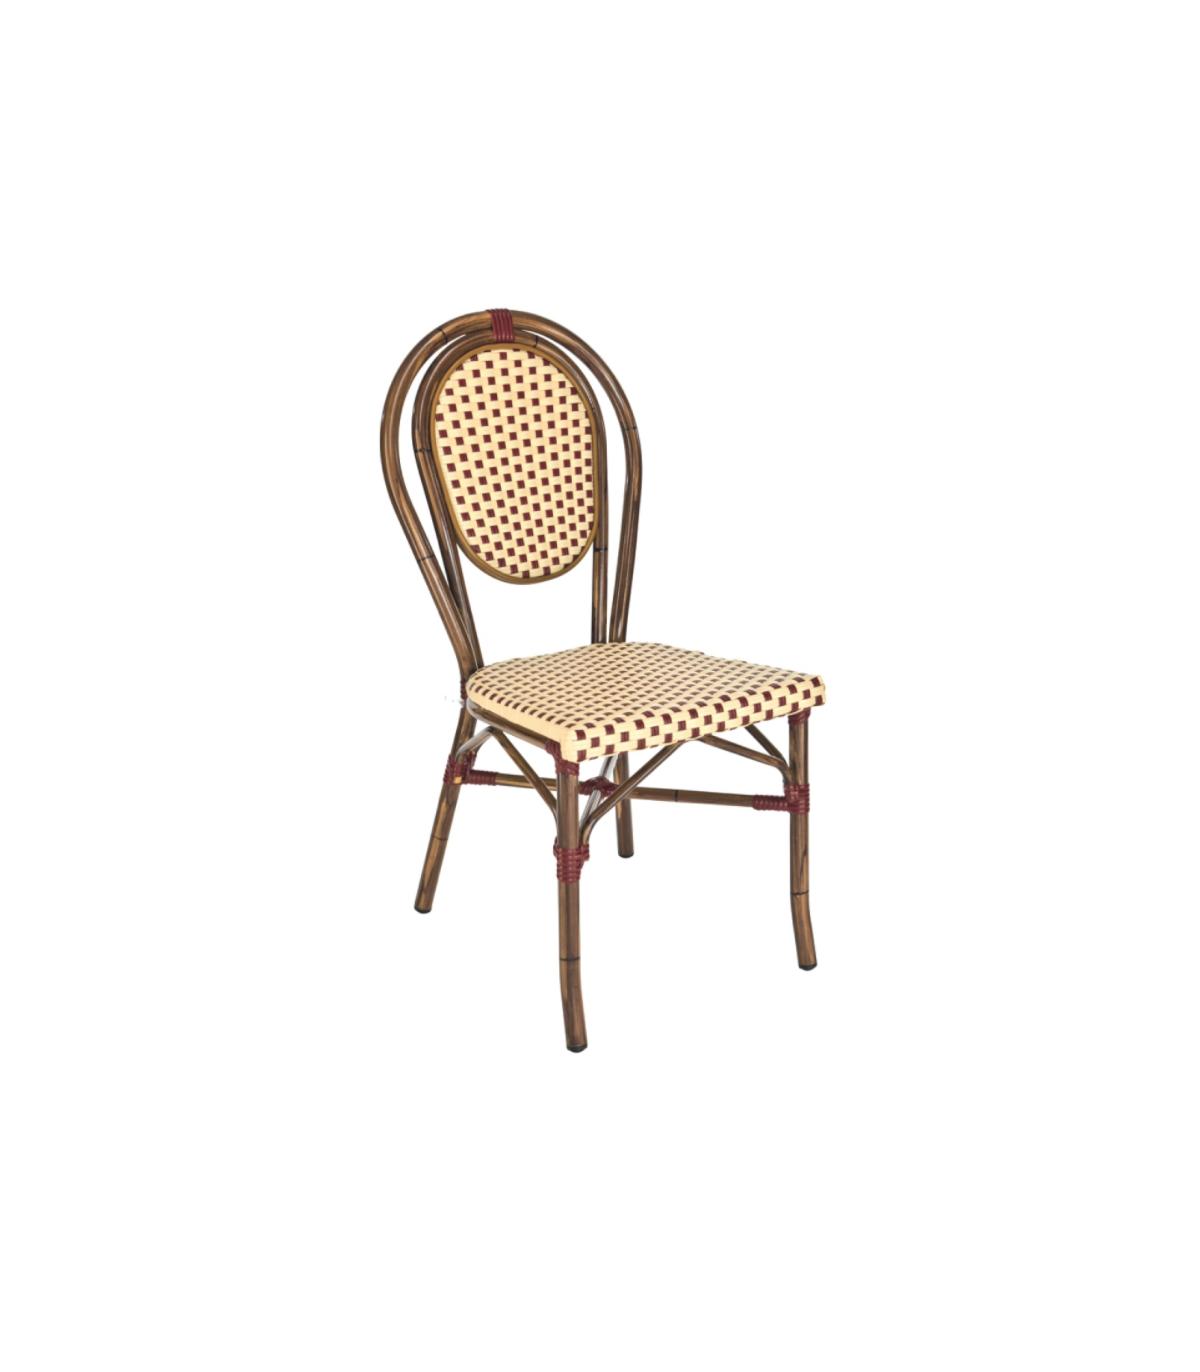 chaise paris amazing location chaises paris lille angers with chaise paris download. Black Bedroom Furniture Sets. Home Design Ideas